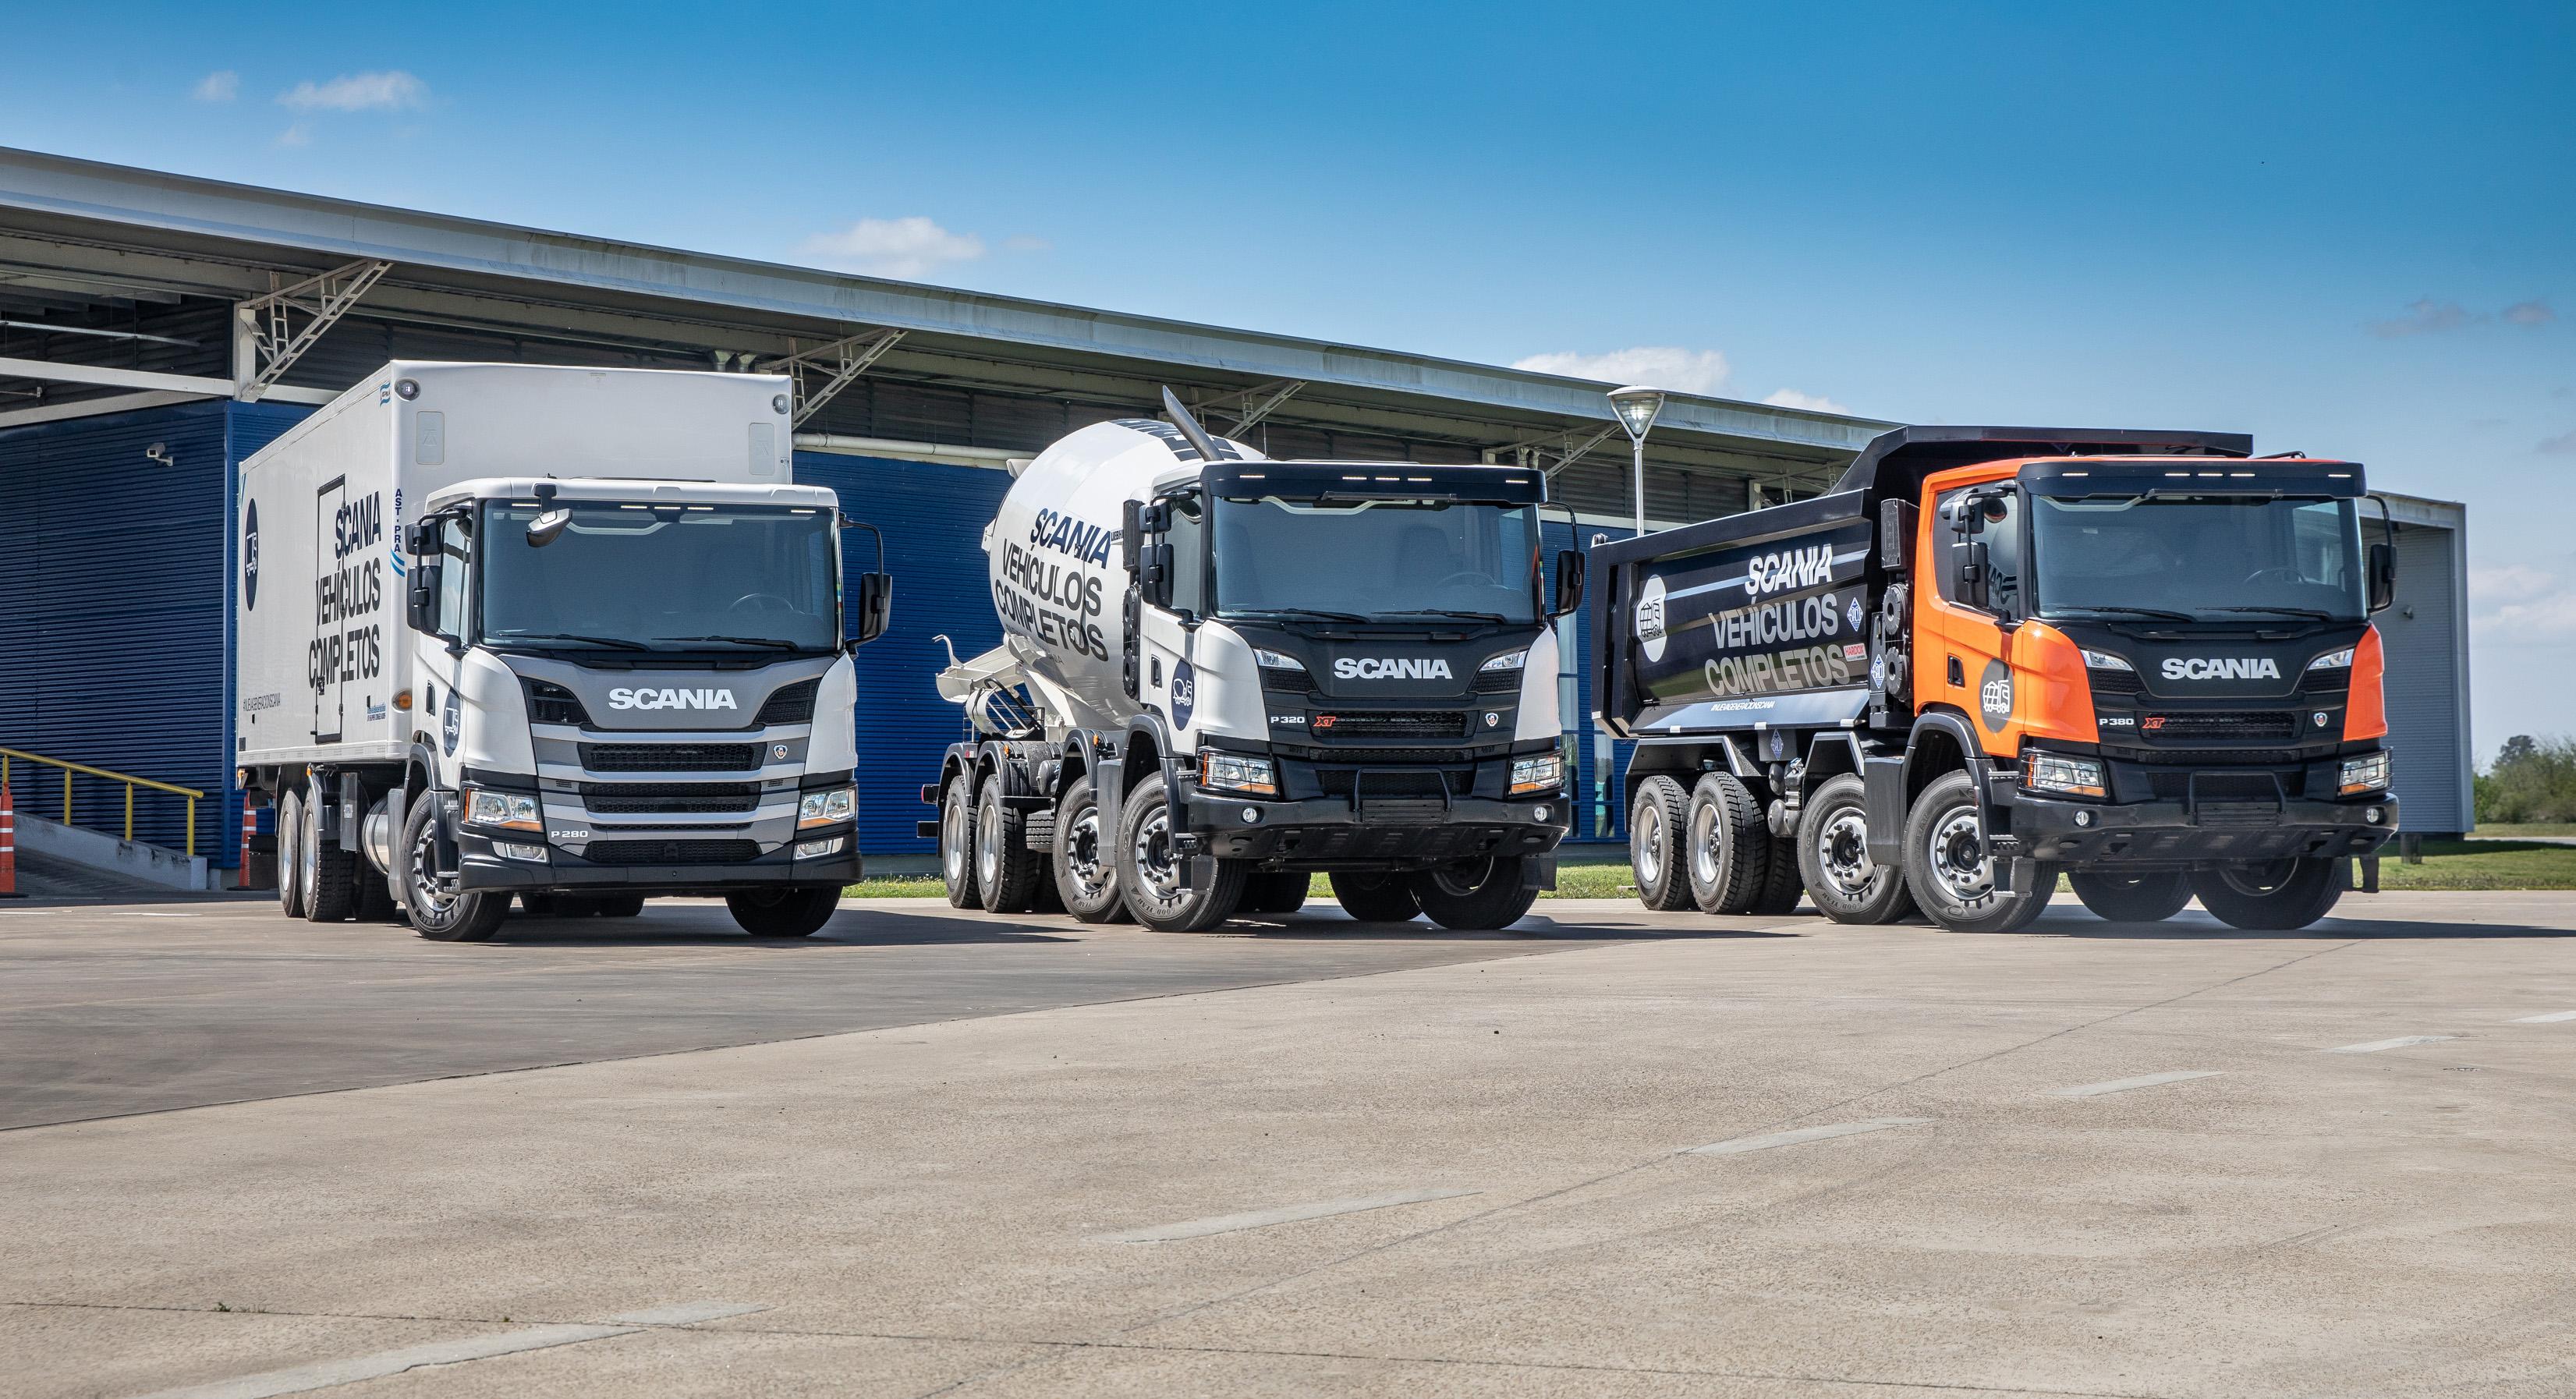 Vehículos Completos Scania